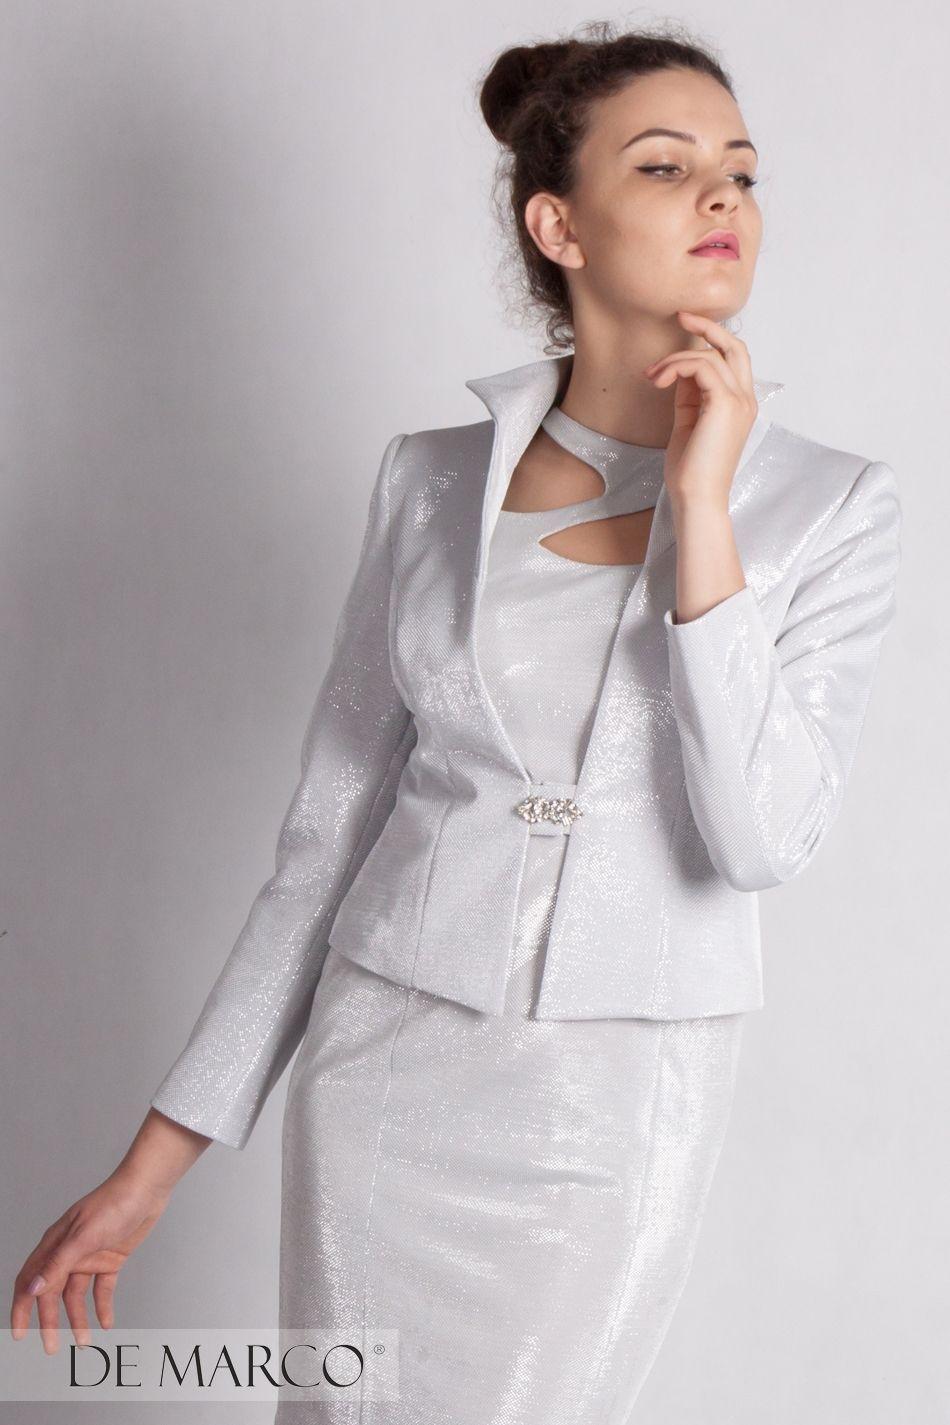 1106558be8 Ekskluzywna srebrna stylizacja na wesele. Elegancka i charakterna  kompozycja żakietu z sukienką nie tylko dla